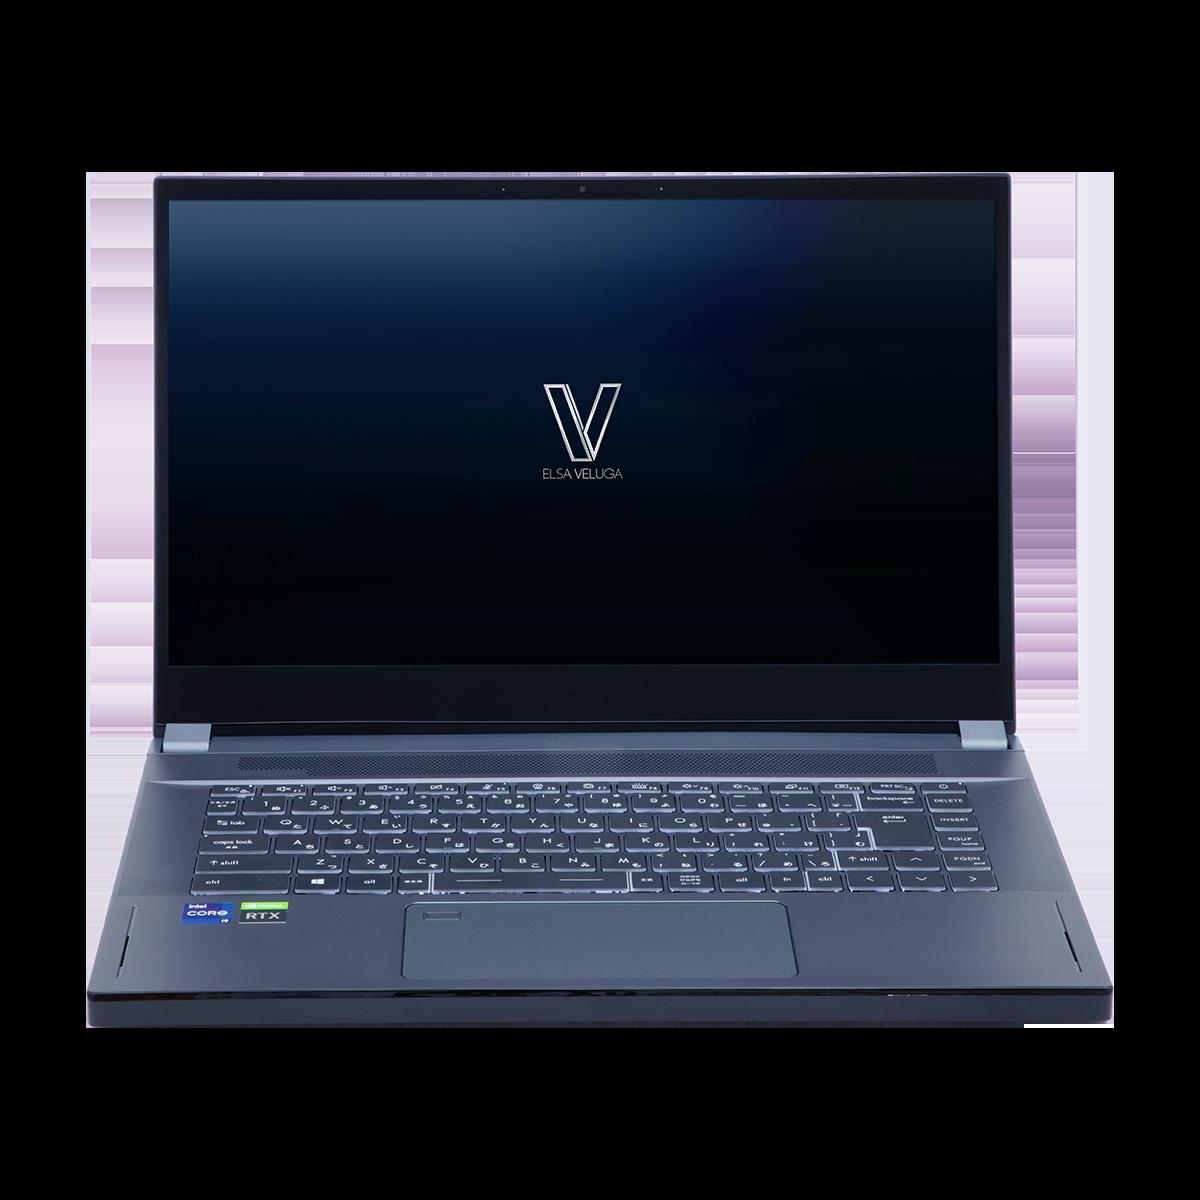 VELUGA A5000 G3-15(Ubuntu版)15.6インチ / Core i7 11800H / RTX A5000 / メモリ 64GB / SSD 2TB /Ubuntu /FHD ノートパソコン ELSA エルザ モバイルワークステーションELVG315-i7A5K3212SUR 【代引・日時指定・キャンセル不可・北海道沖縄離島配送不可】